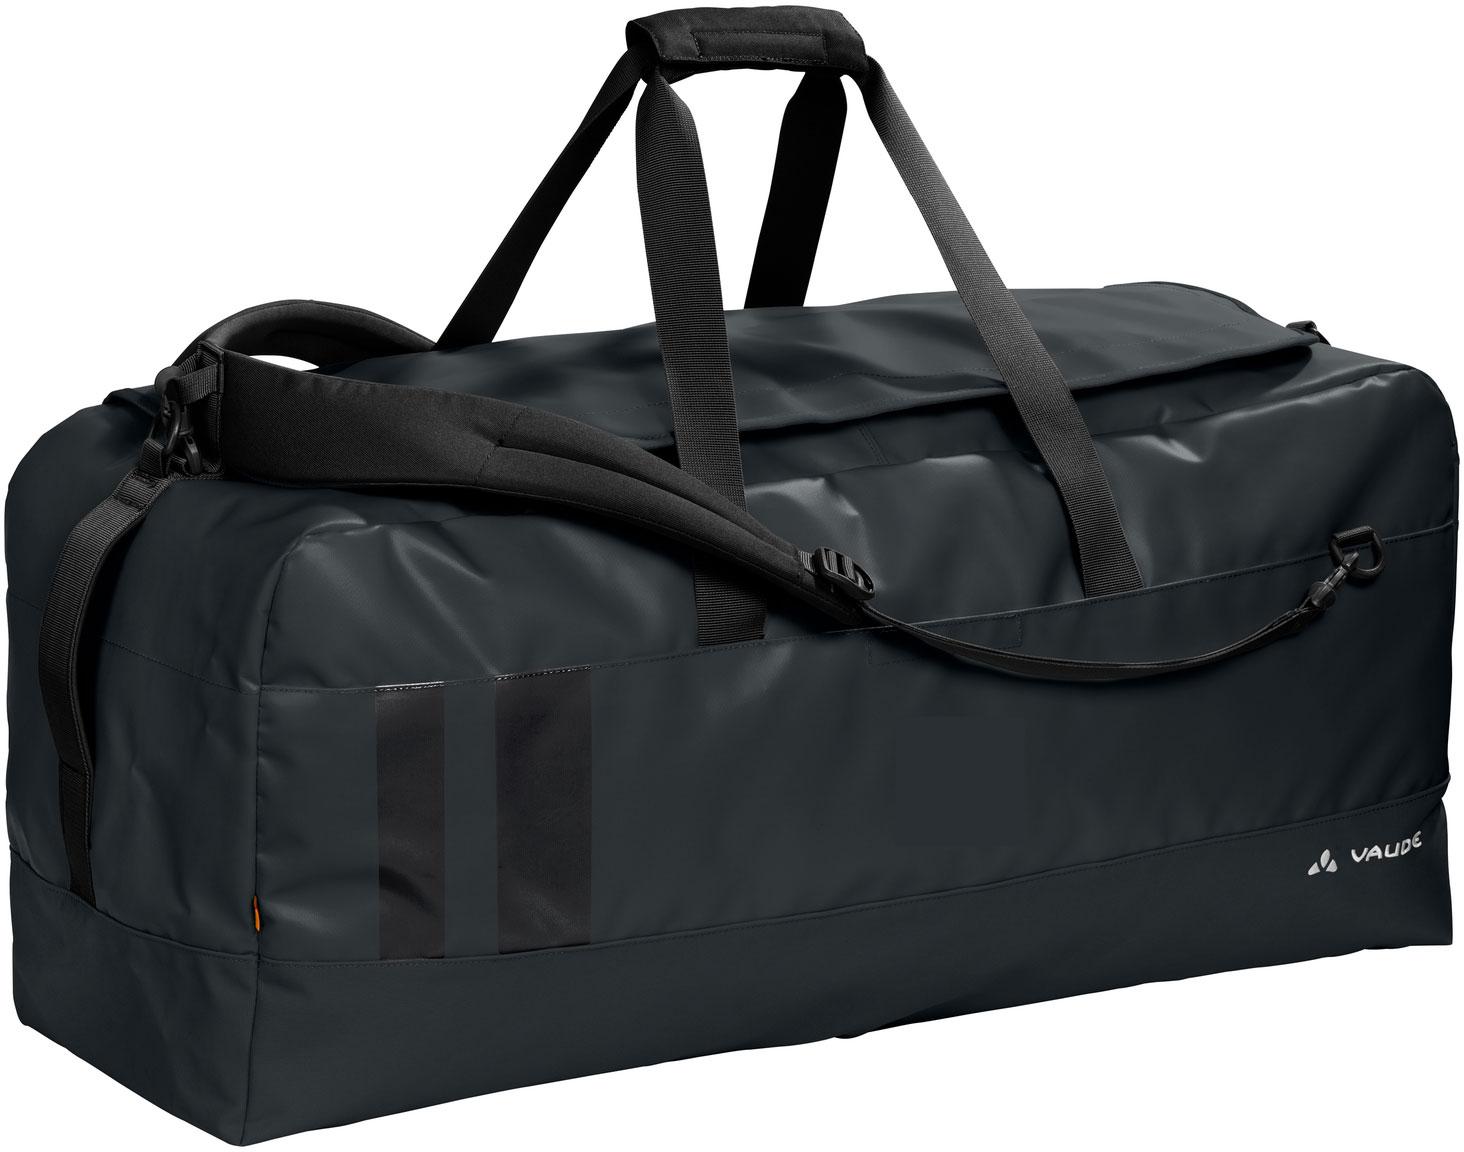 desna 60 schwarz sporttasche reisetasche aus plane. Black Bedroom Furniture Sets. Home Design Ideas